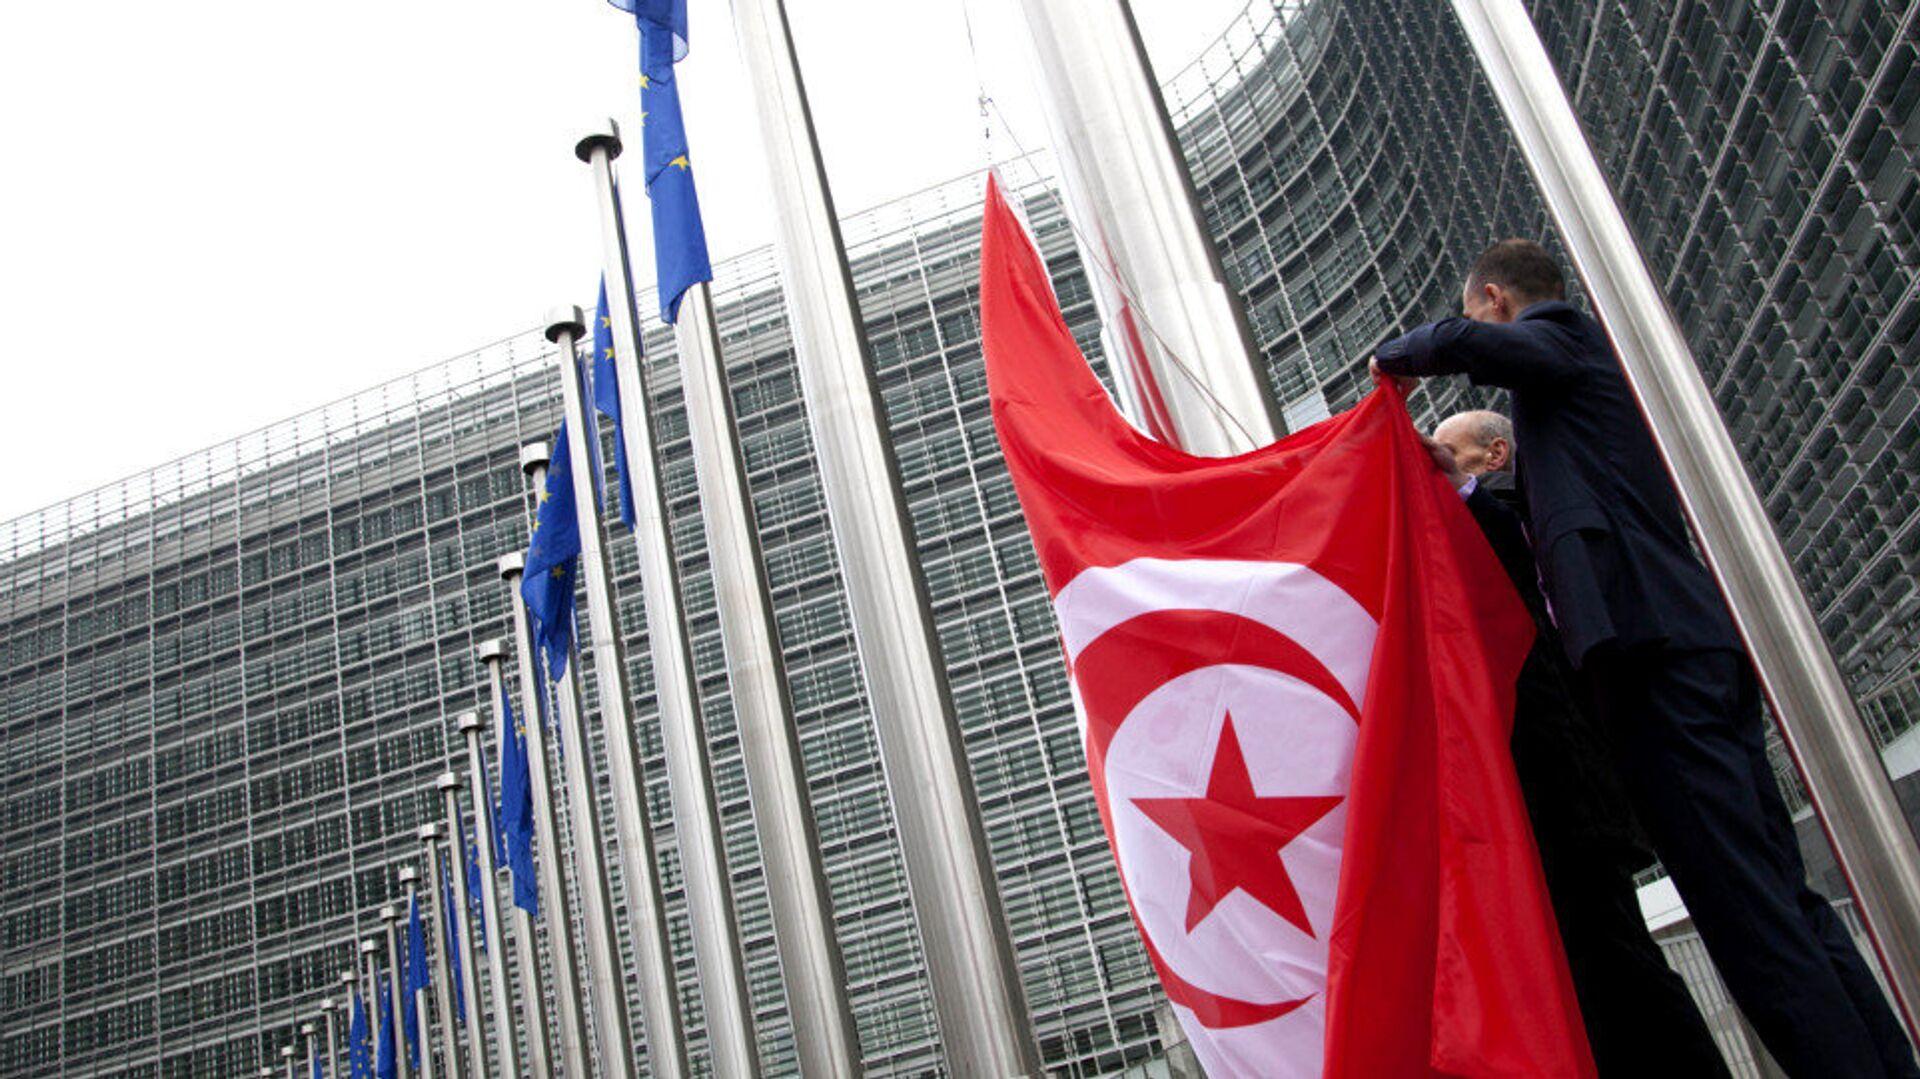 Bandiera della Tunisia - Sputnik Italia, 1920, 26.07.2021